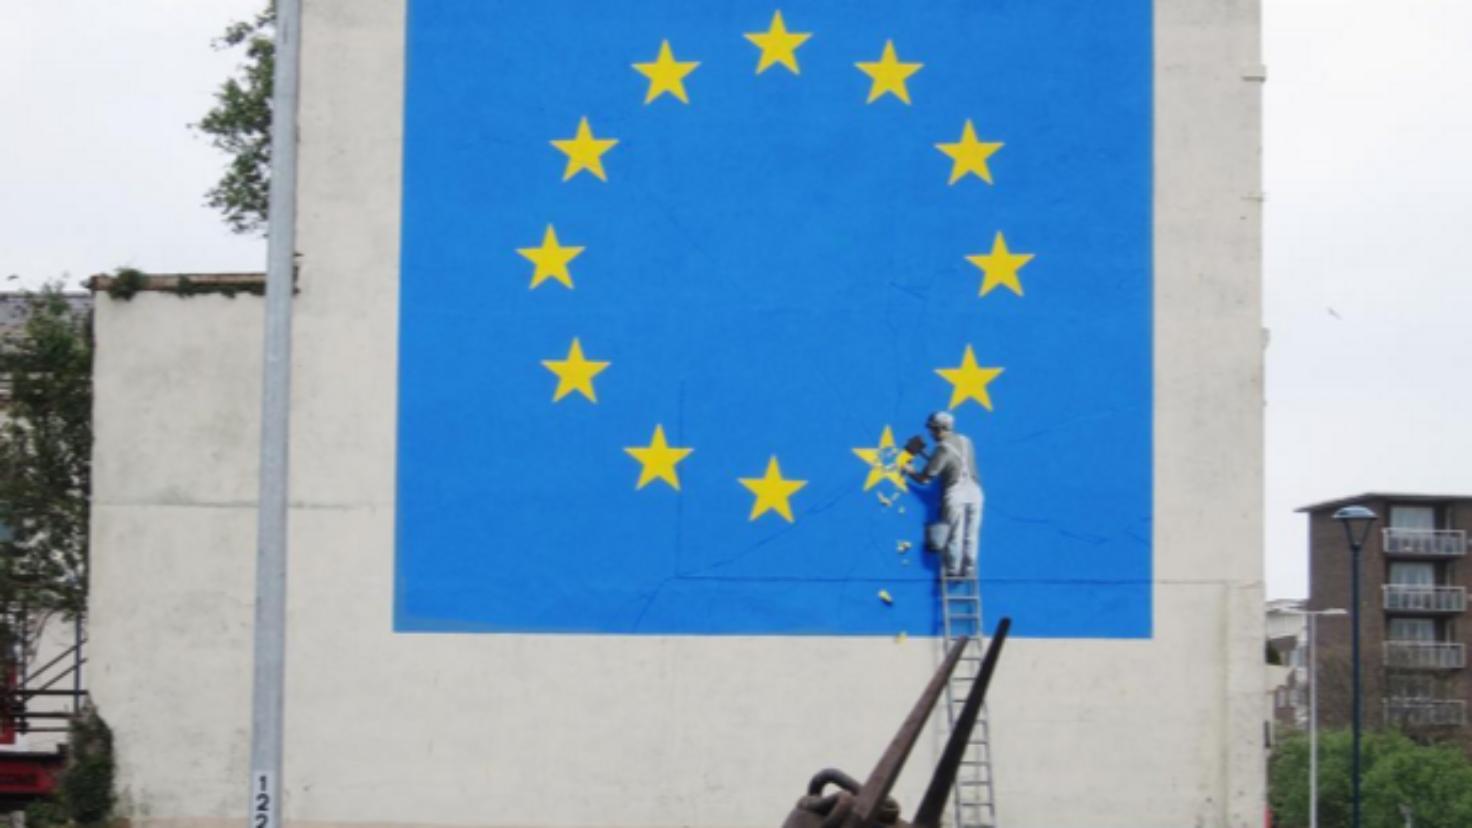 バンクシーの最新作がイギリス・ドーバーに出現。Brexitを批判